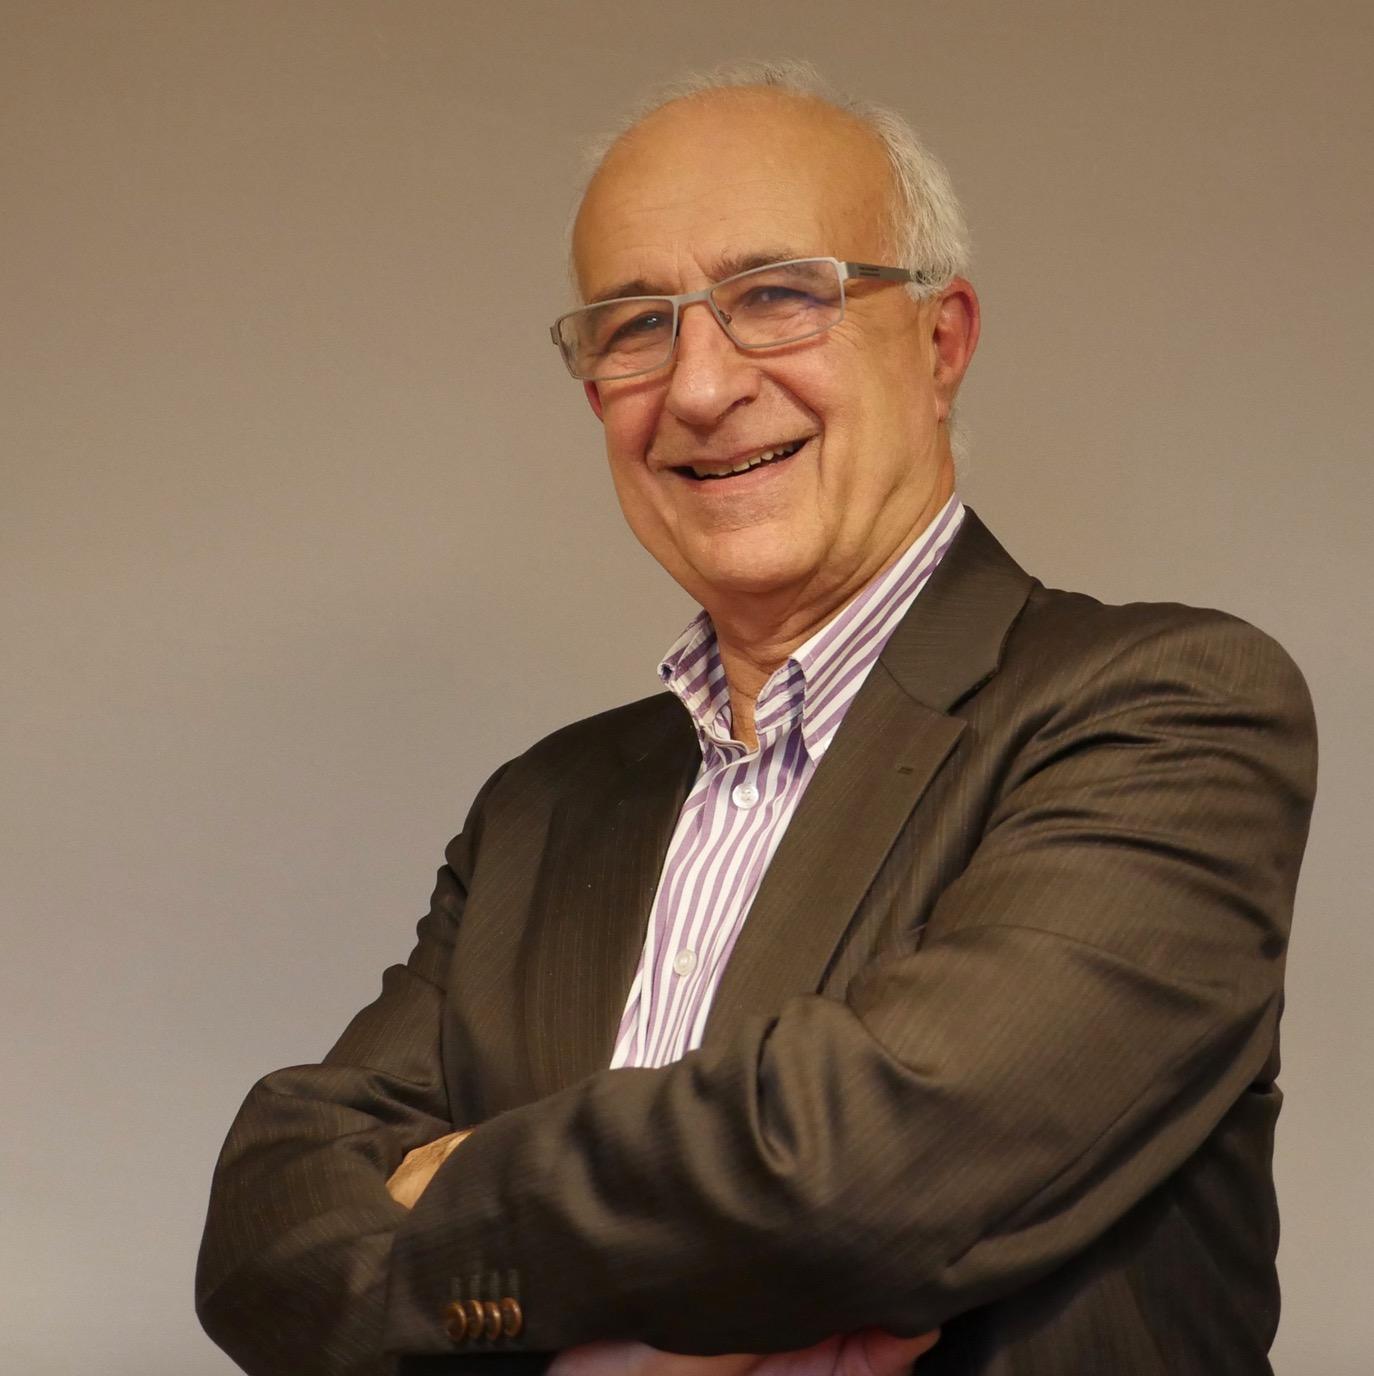 Salvatore Mennella